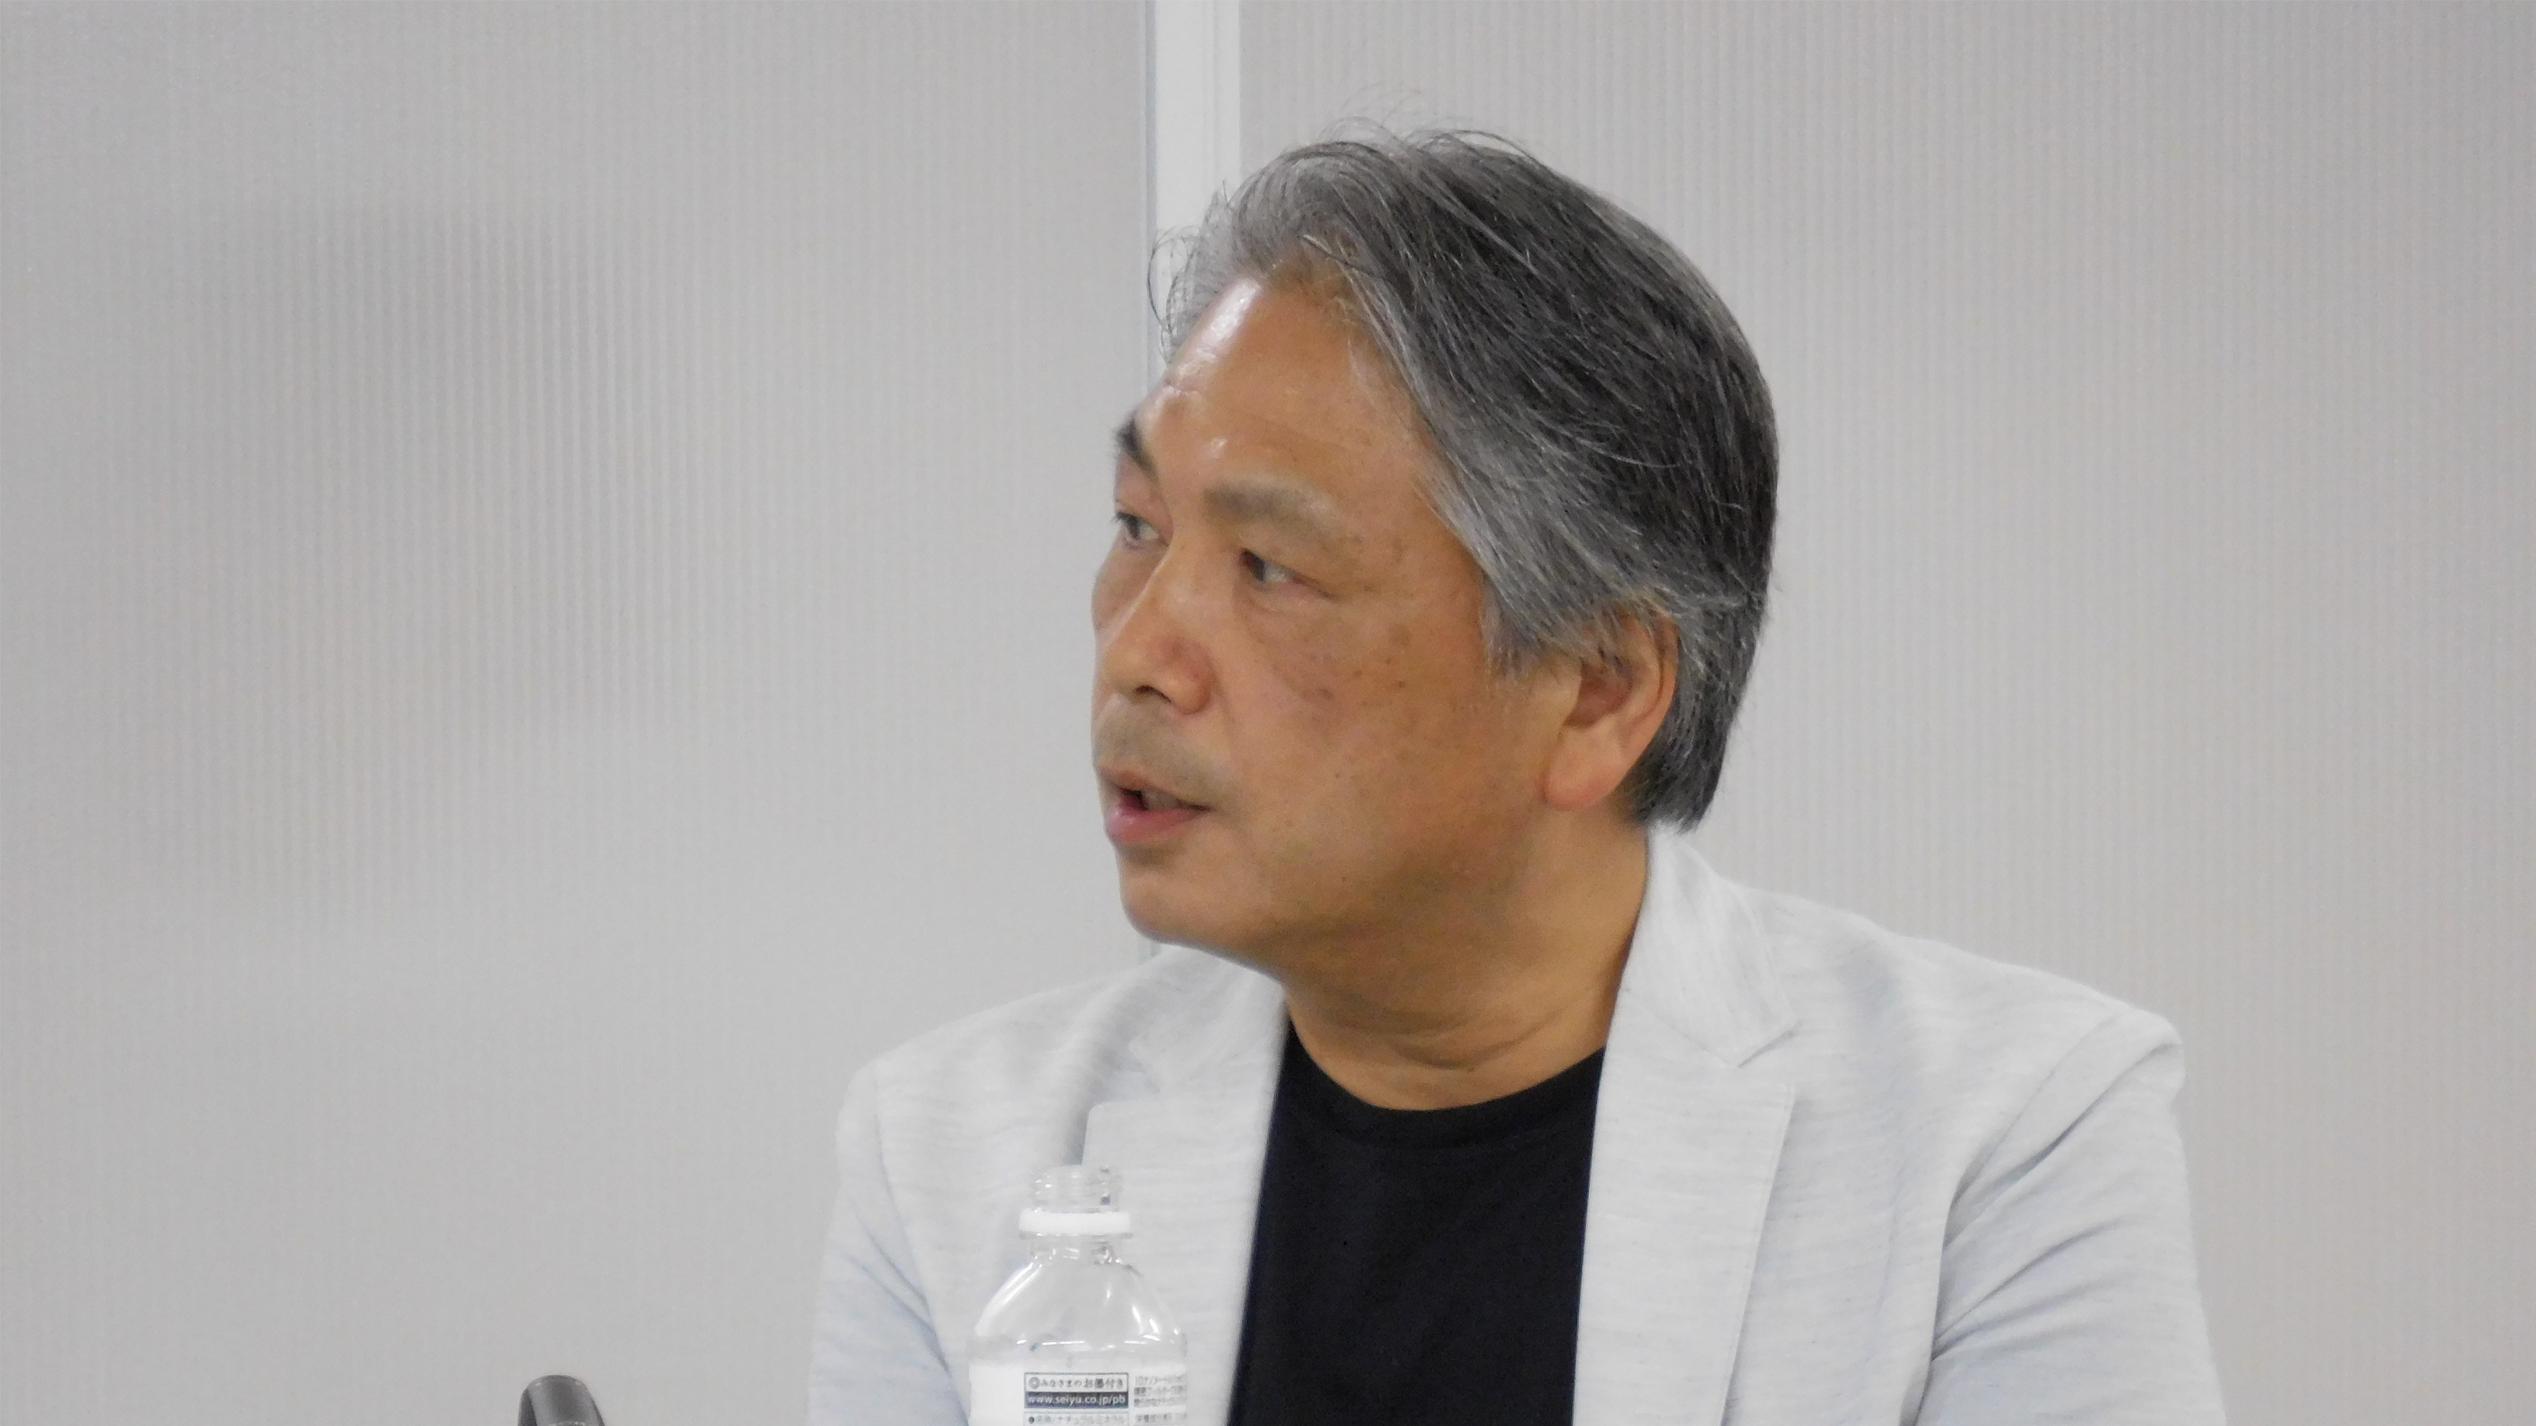 有限会社ハート企画吉倉尚希さん